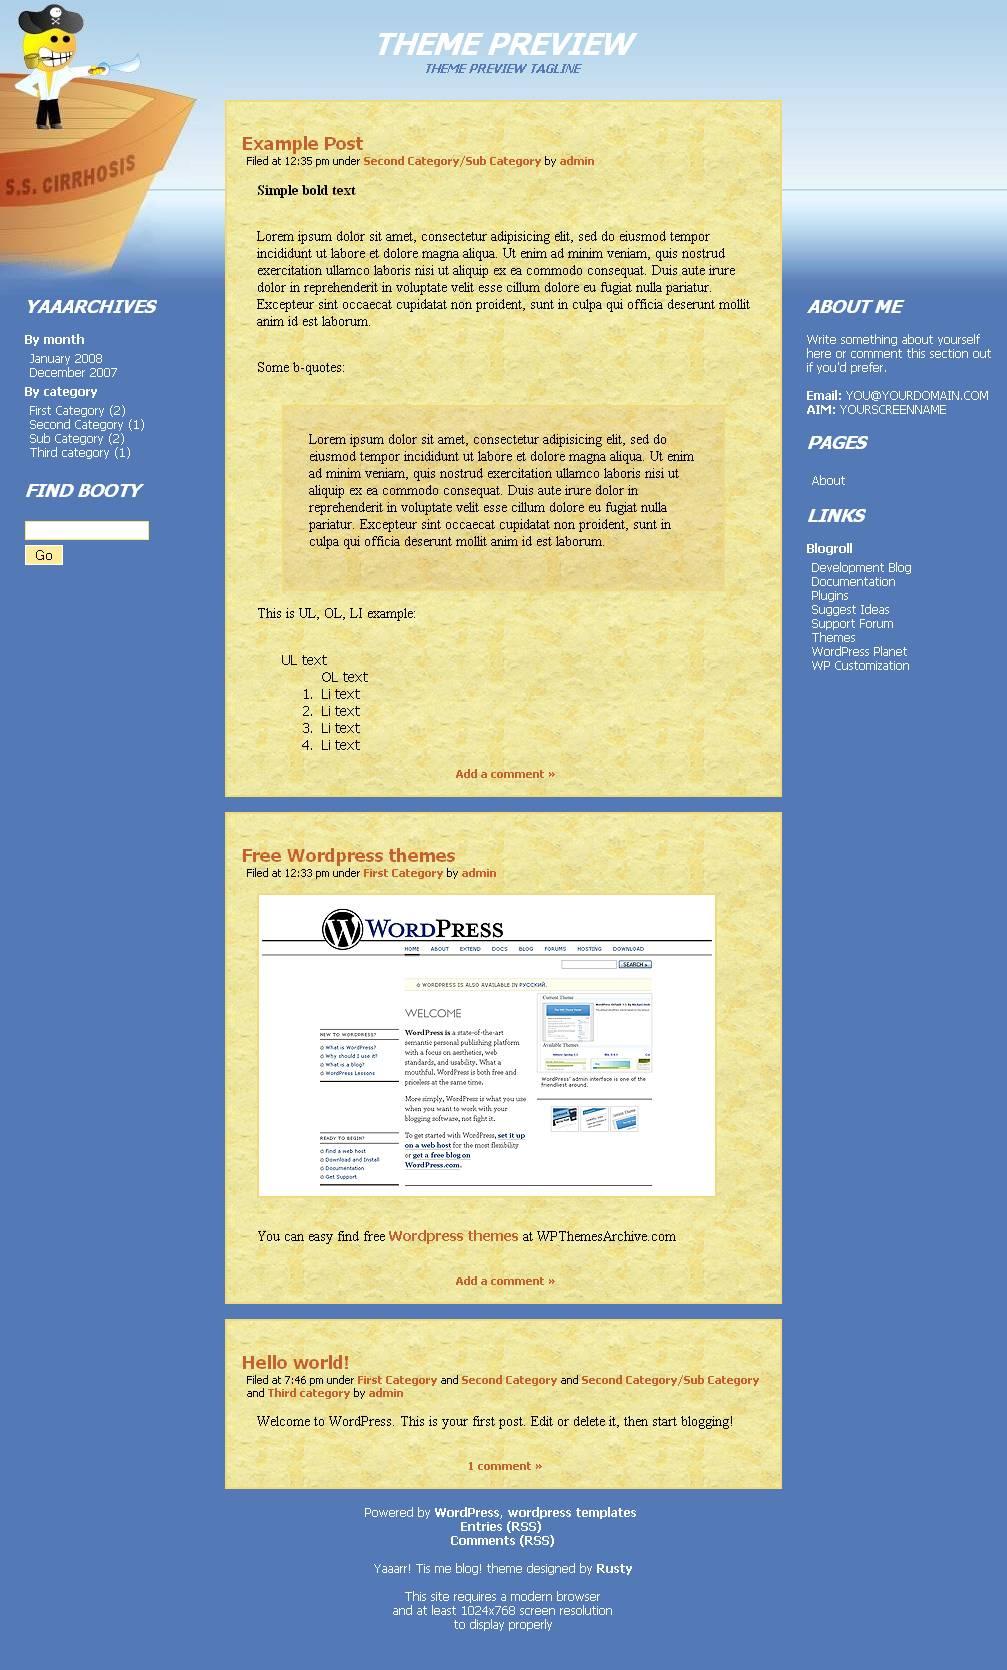 download Yaaarr! Tis me blog! theme